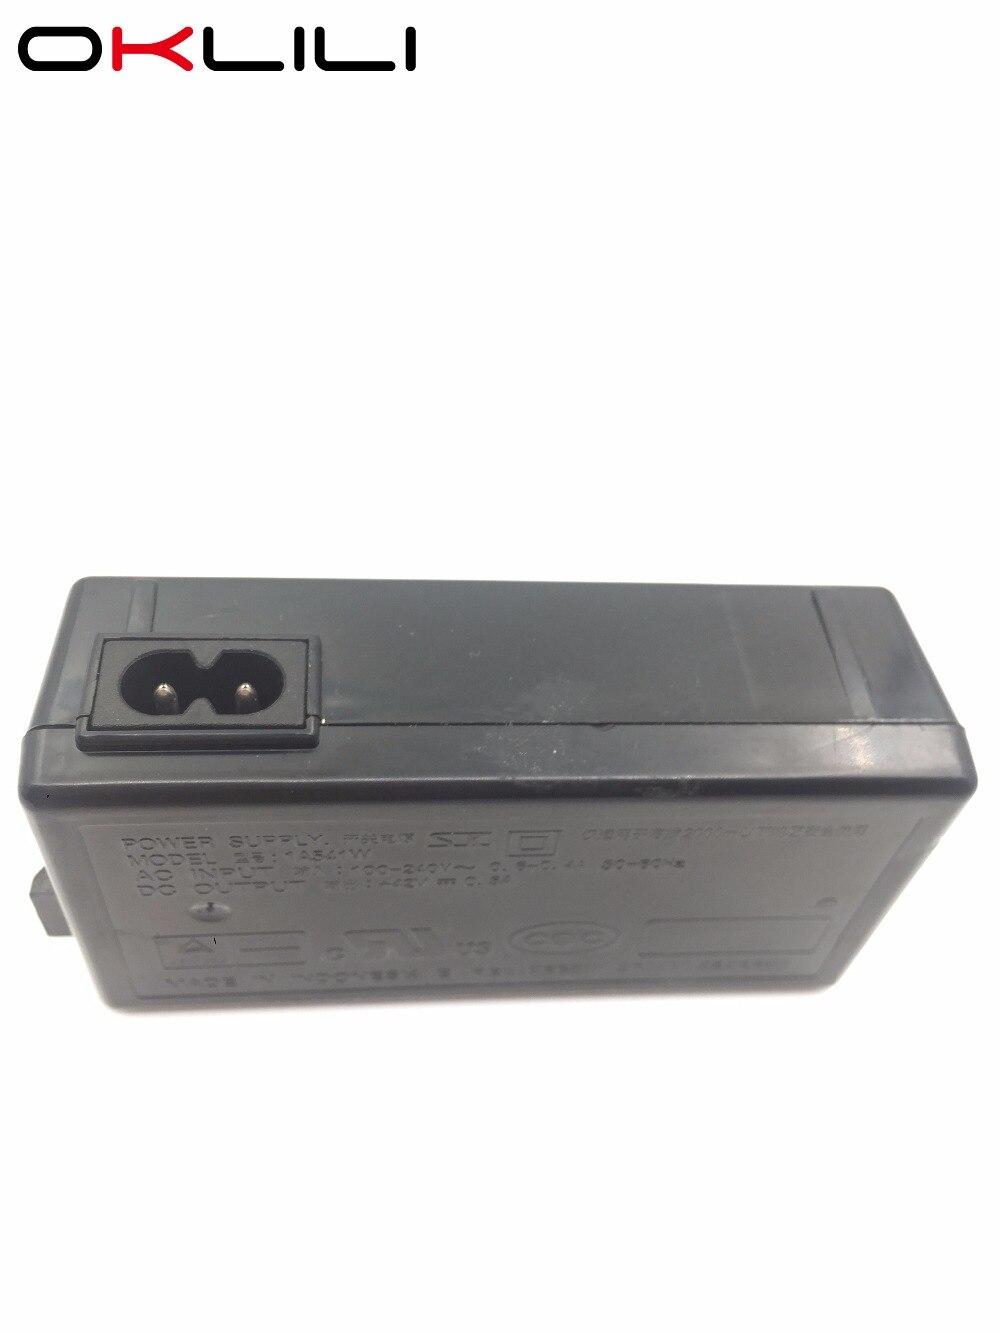 AC Fuente de alimentación del adaptador del cargador para Epson L110 L120 L210 L220 L300 L310 L350 L355 L360 L365 L455 L555 L565 l100 L132 L130 L222